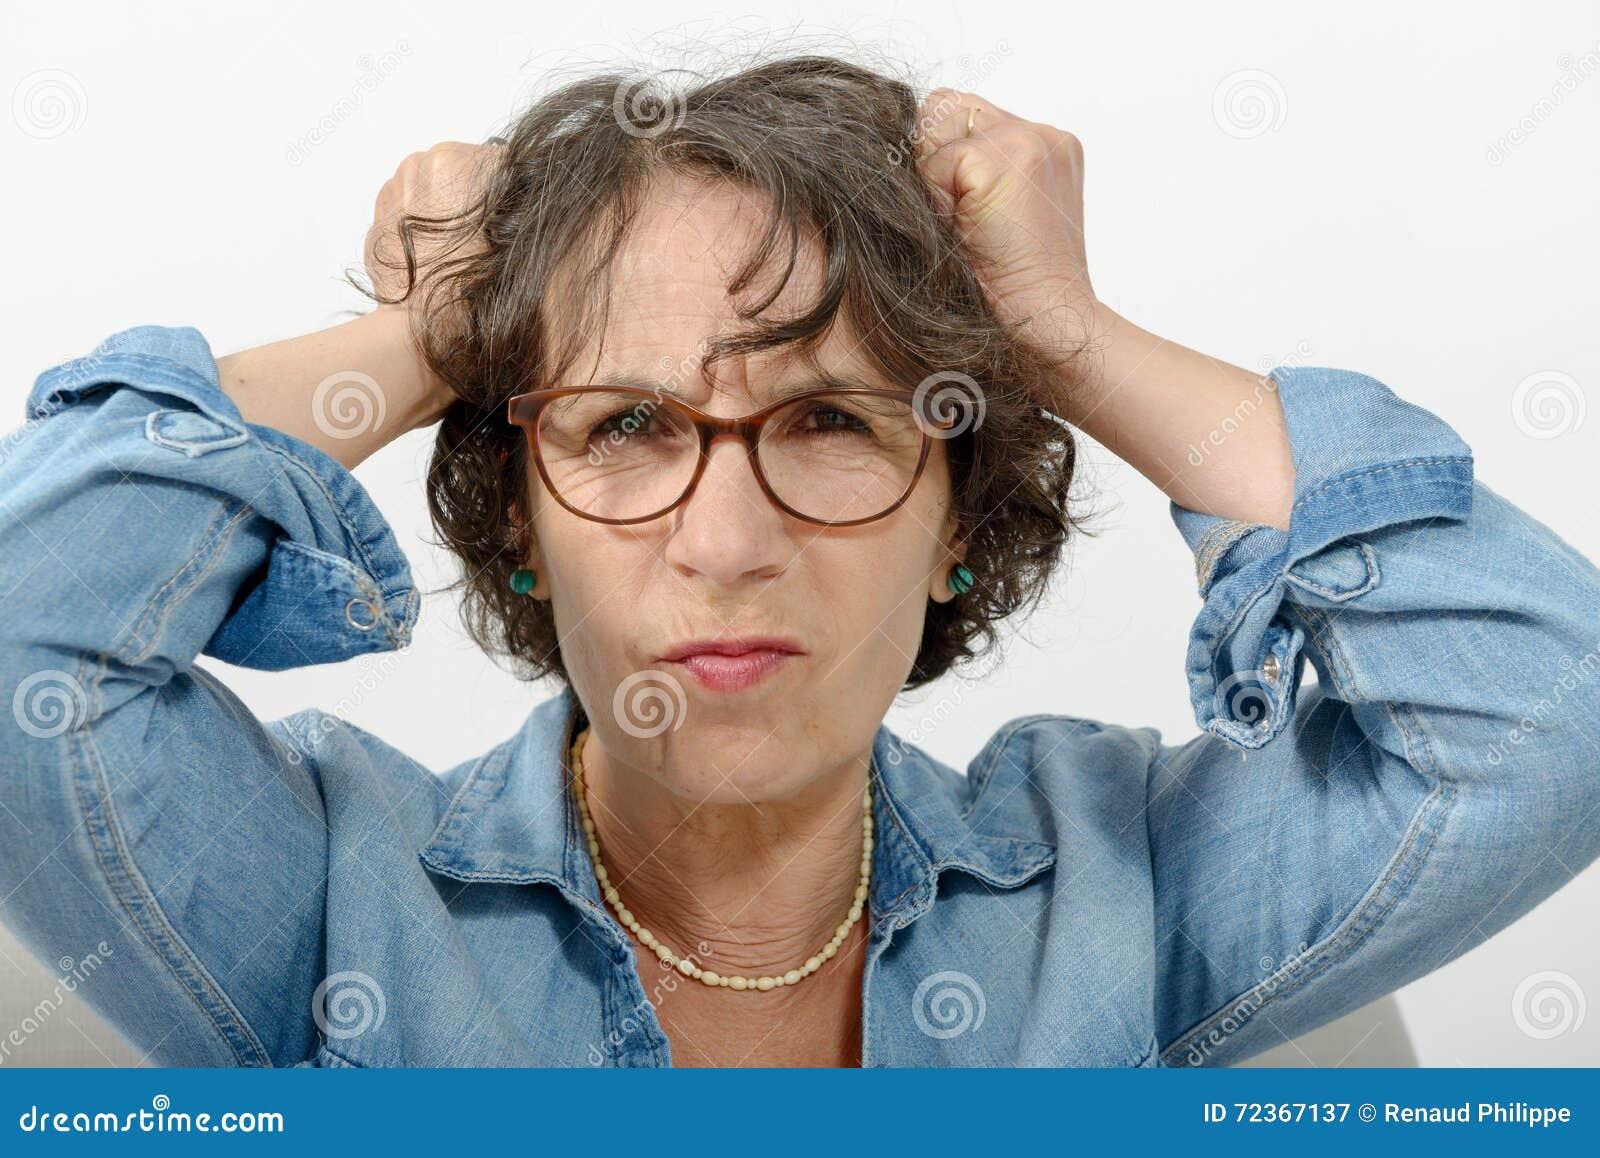 Retrato de una mujer de mediana edad enojada